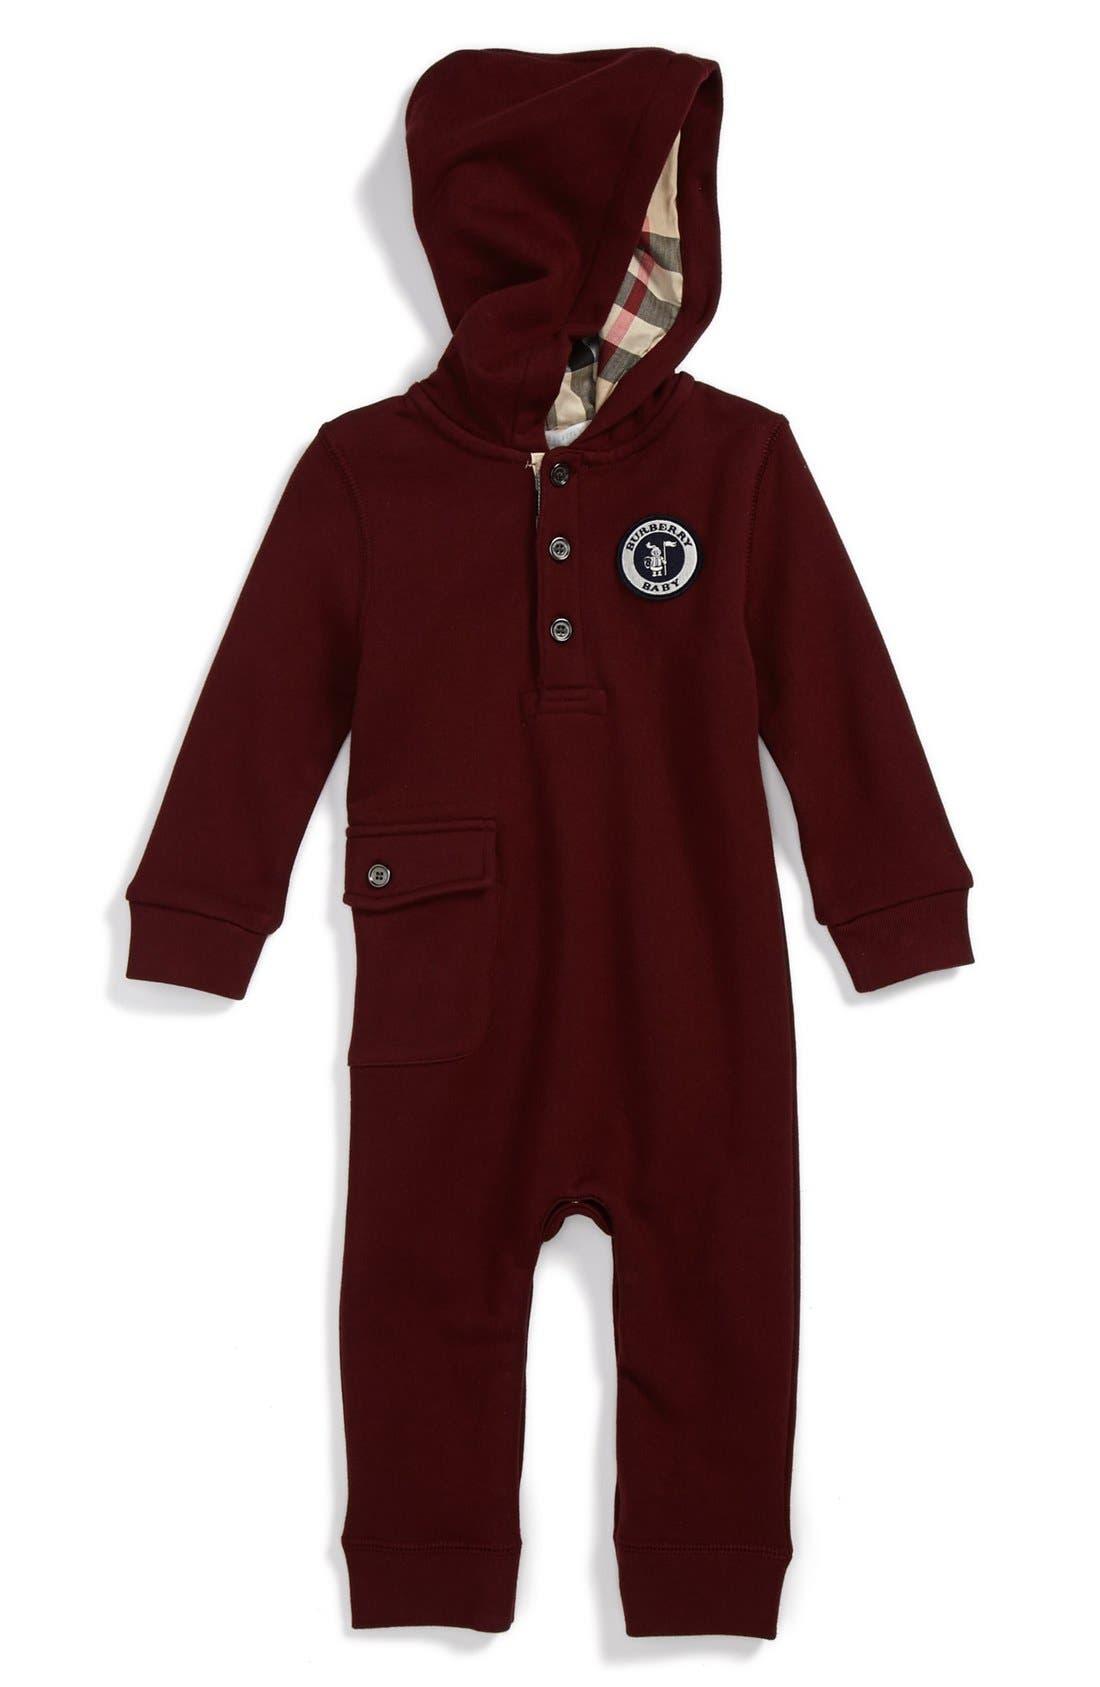 Alternate Image 1 Selected - Burberry 'Frani' Henley Hooded Romper (Toddler Boys)